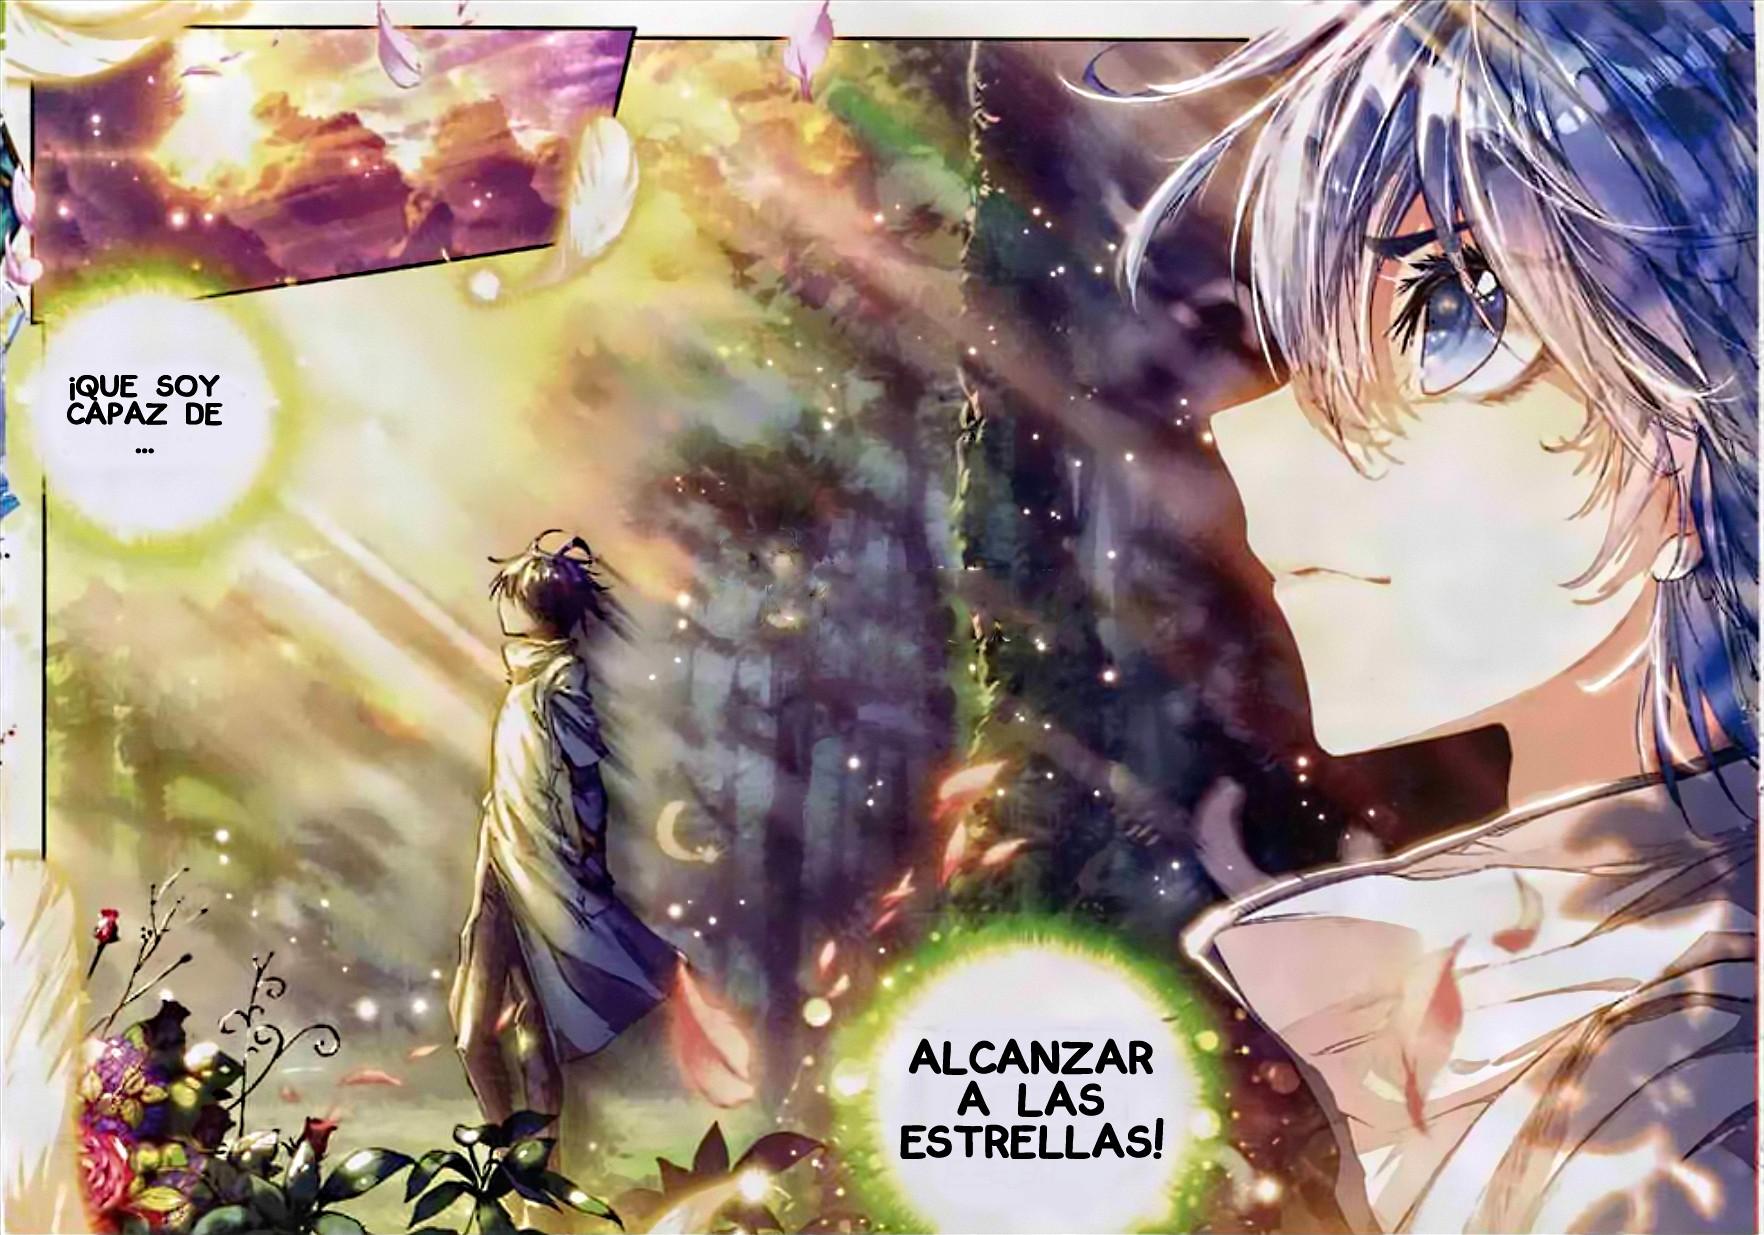 http://c5.ninemanga.com/es_manga/33/16417/429085/a76c856f36b4d6f8b0a9bca9d3e81654.jpg Page 9